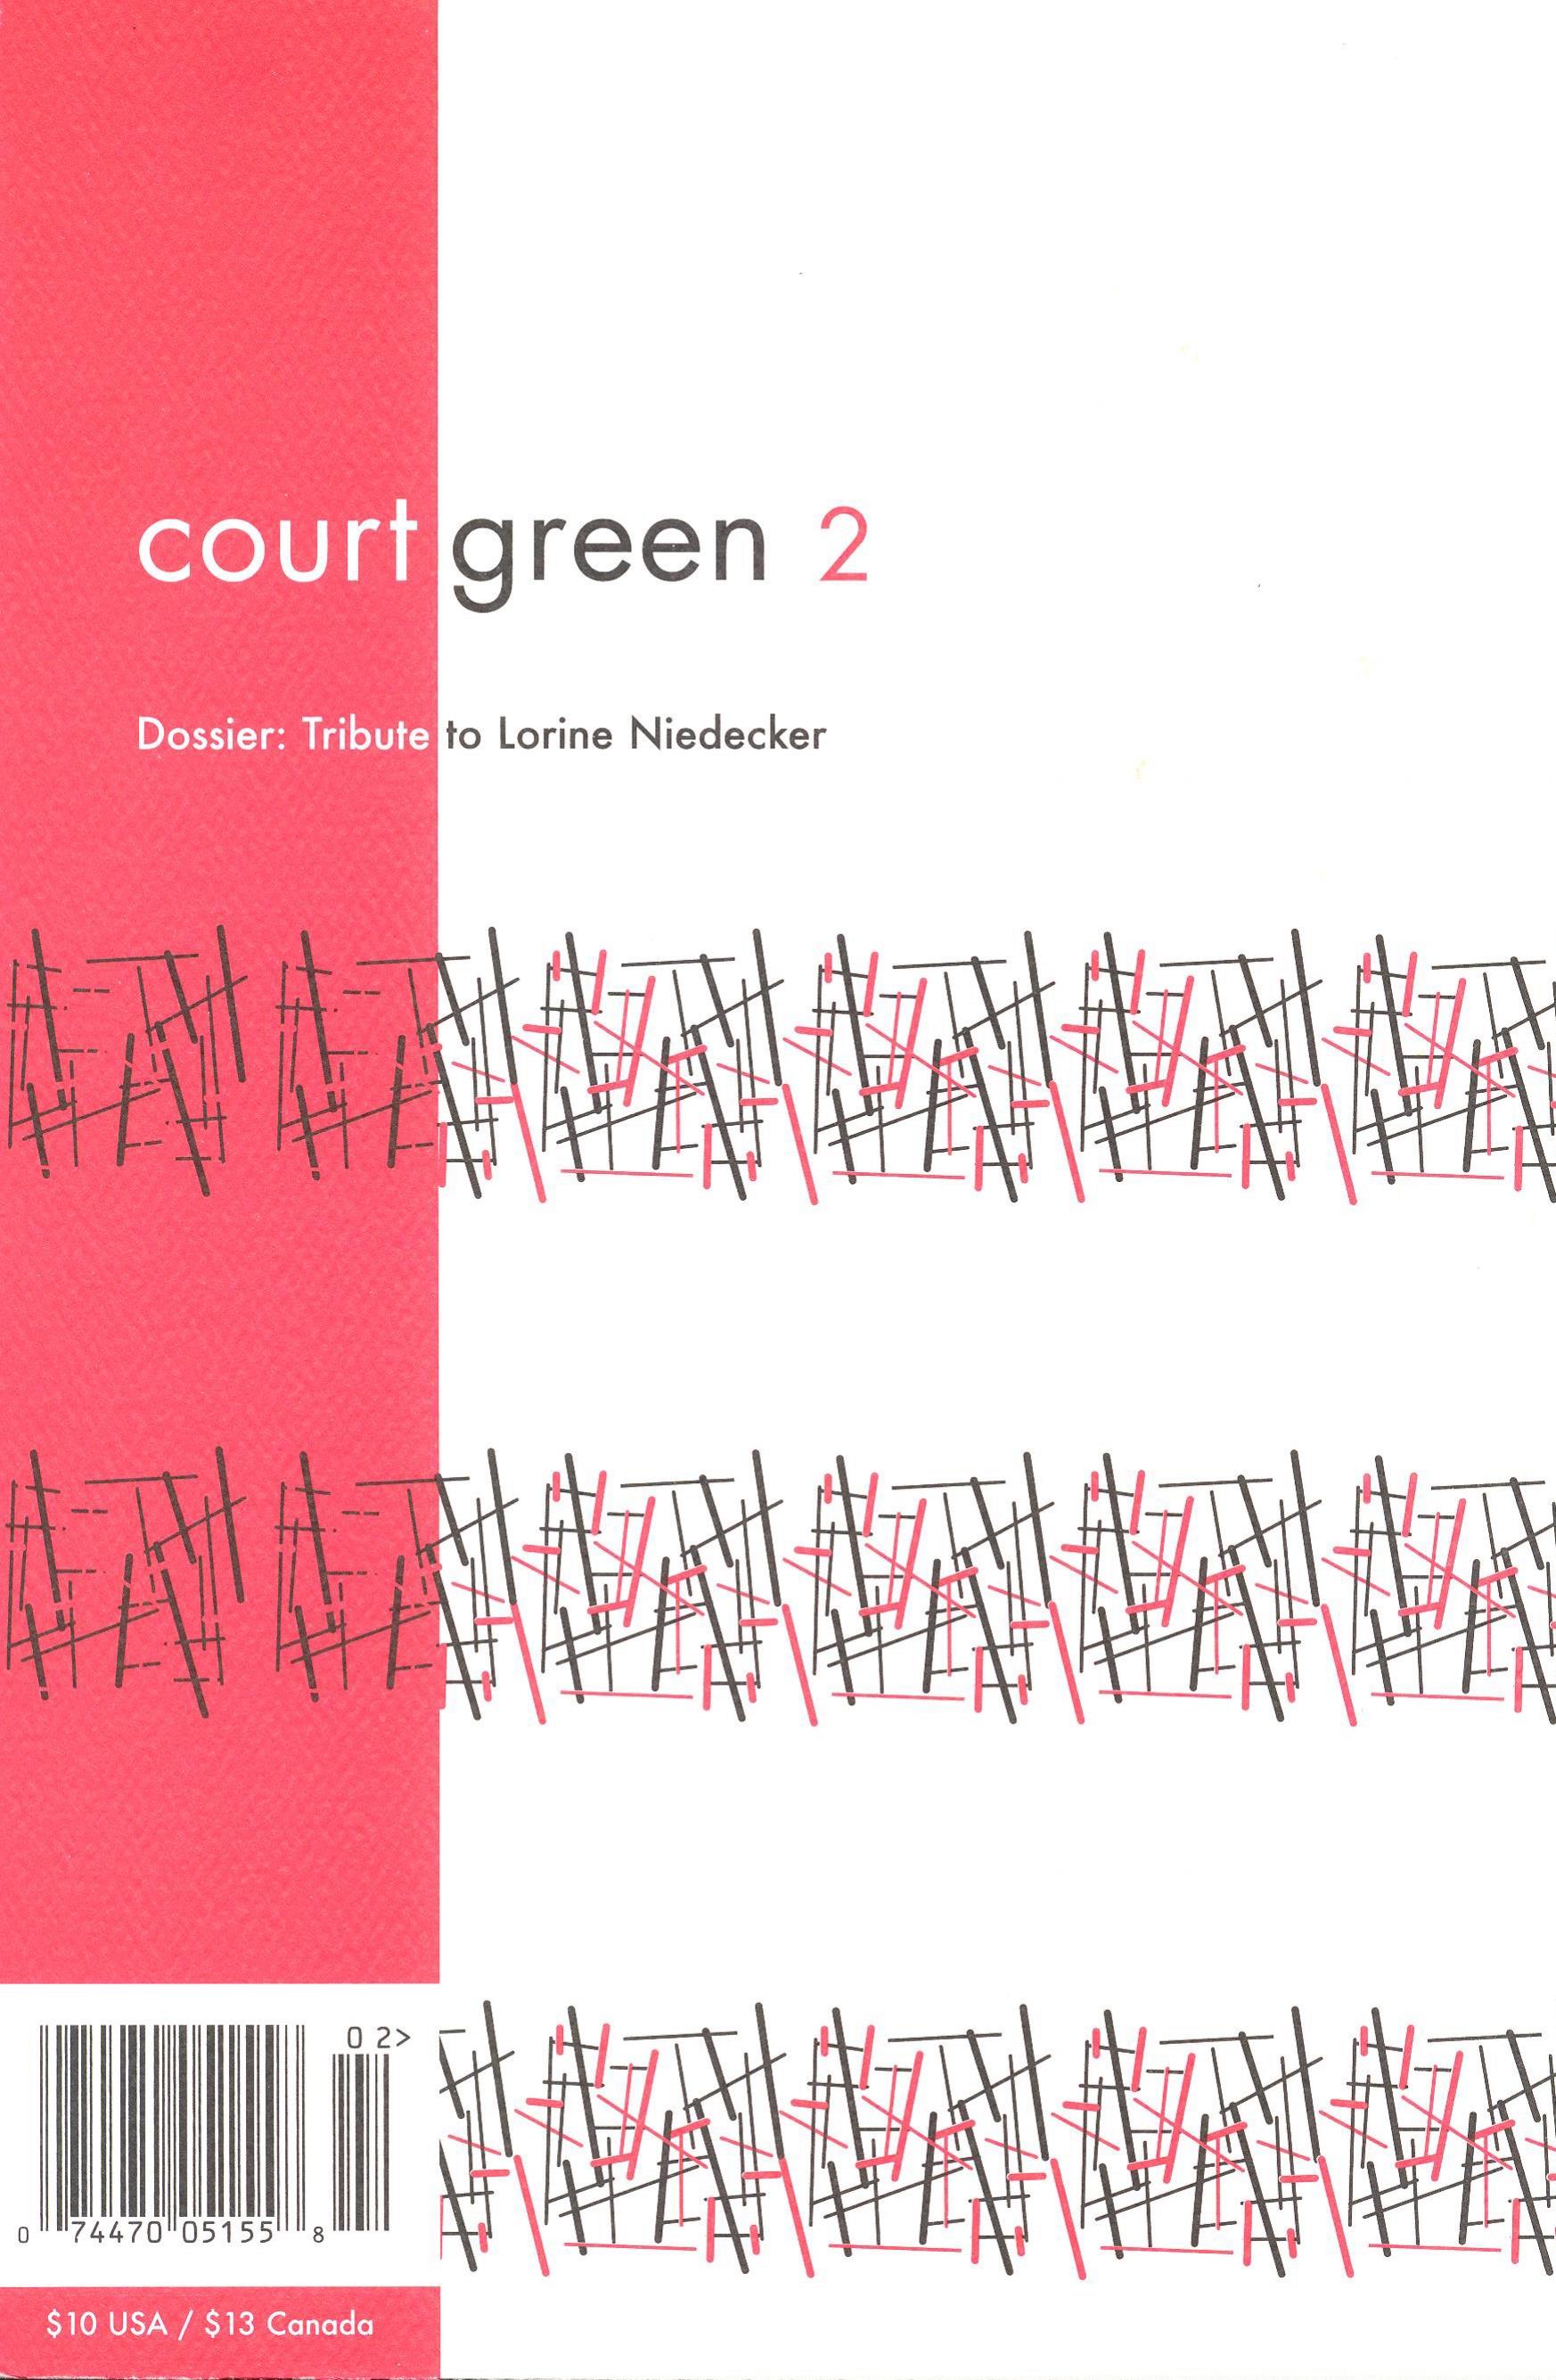 Court Green 2